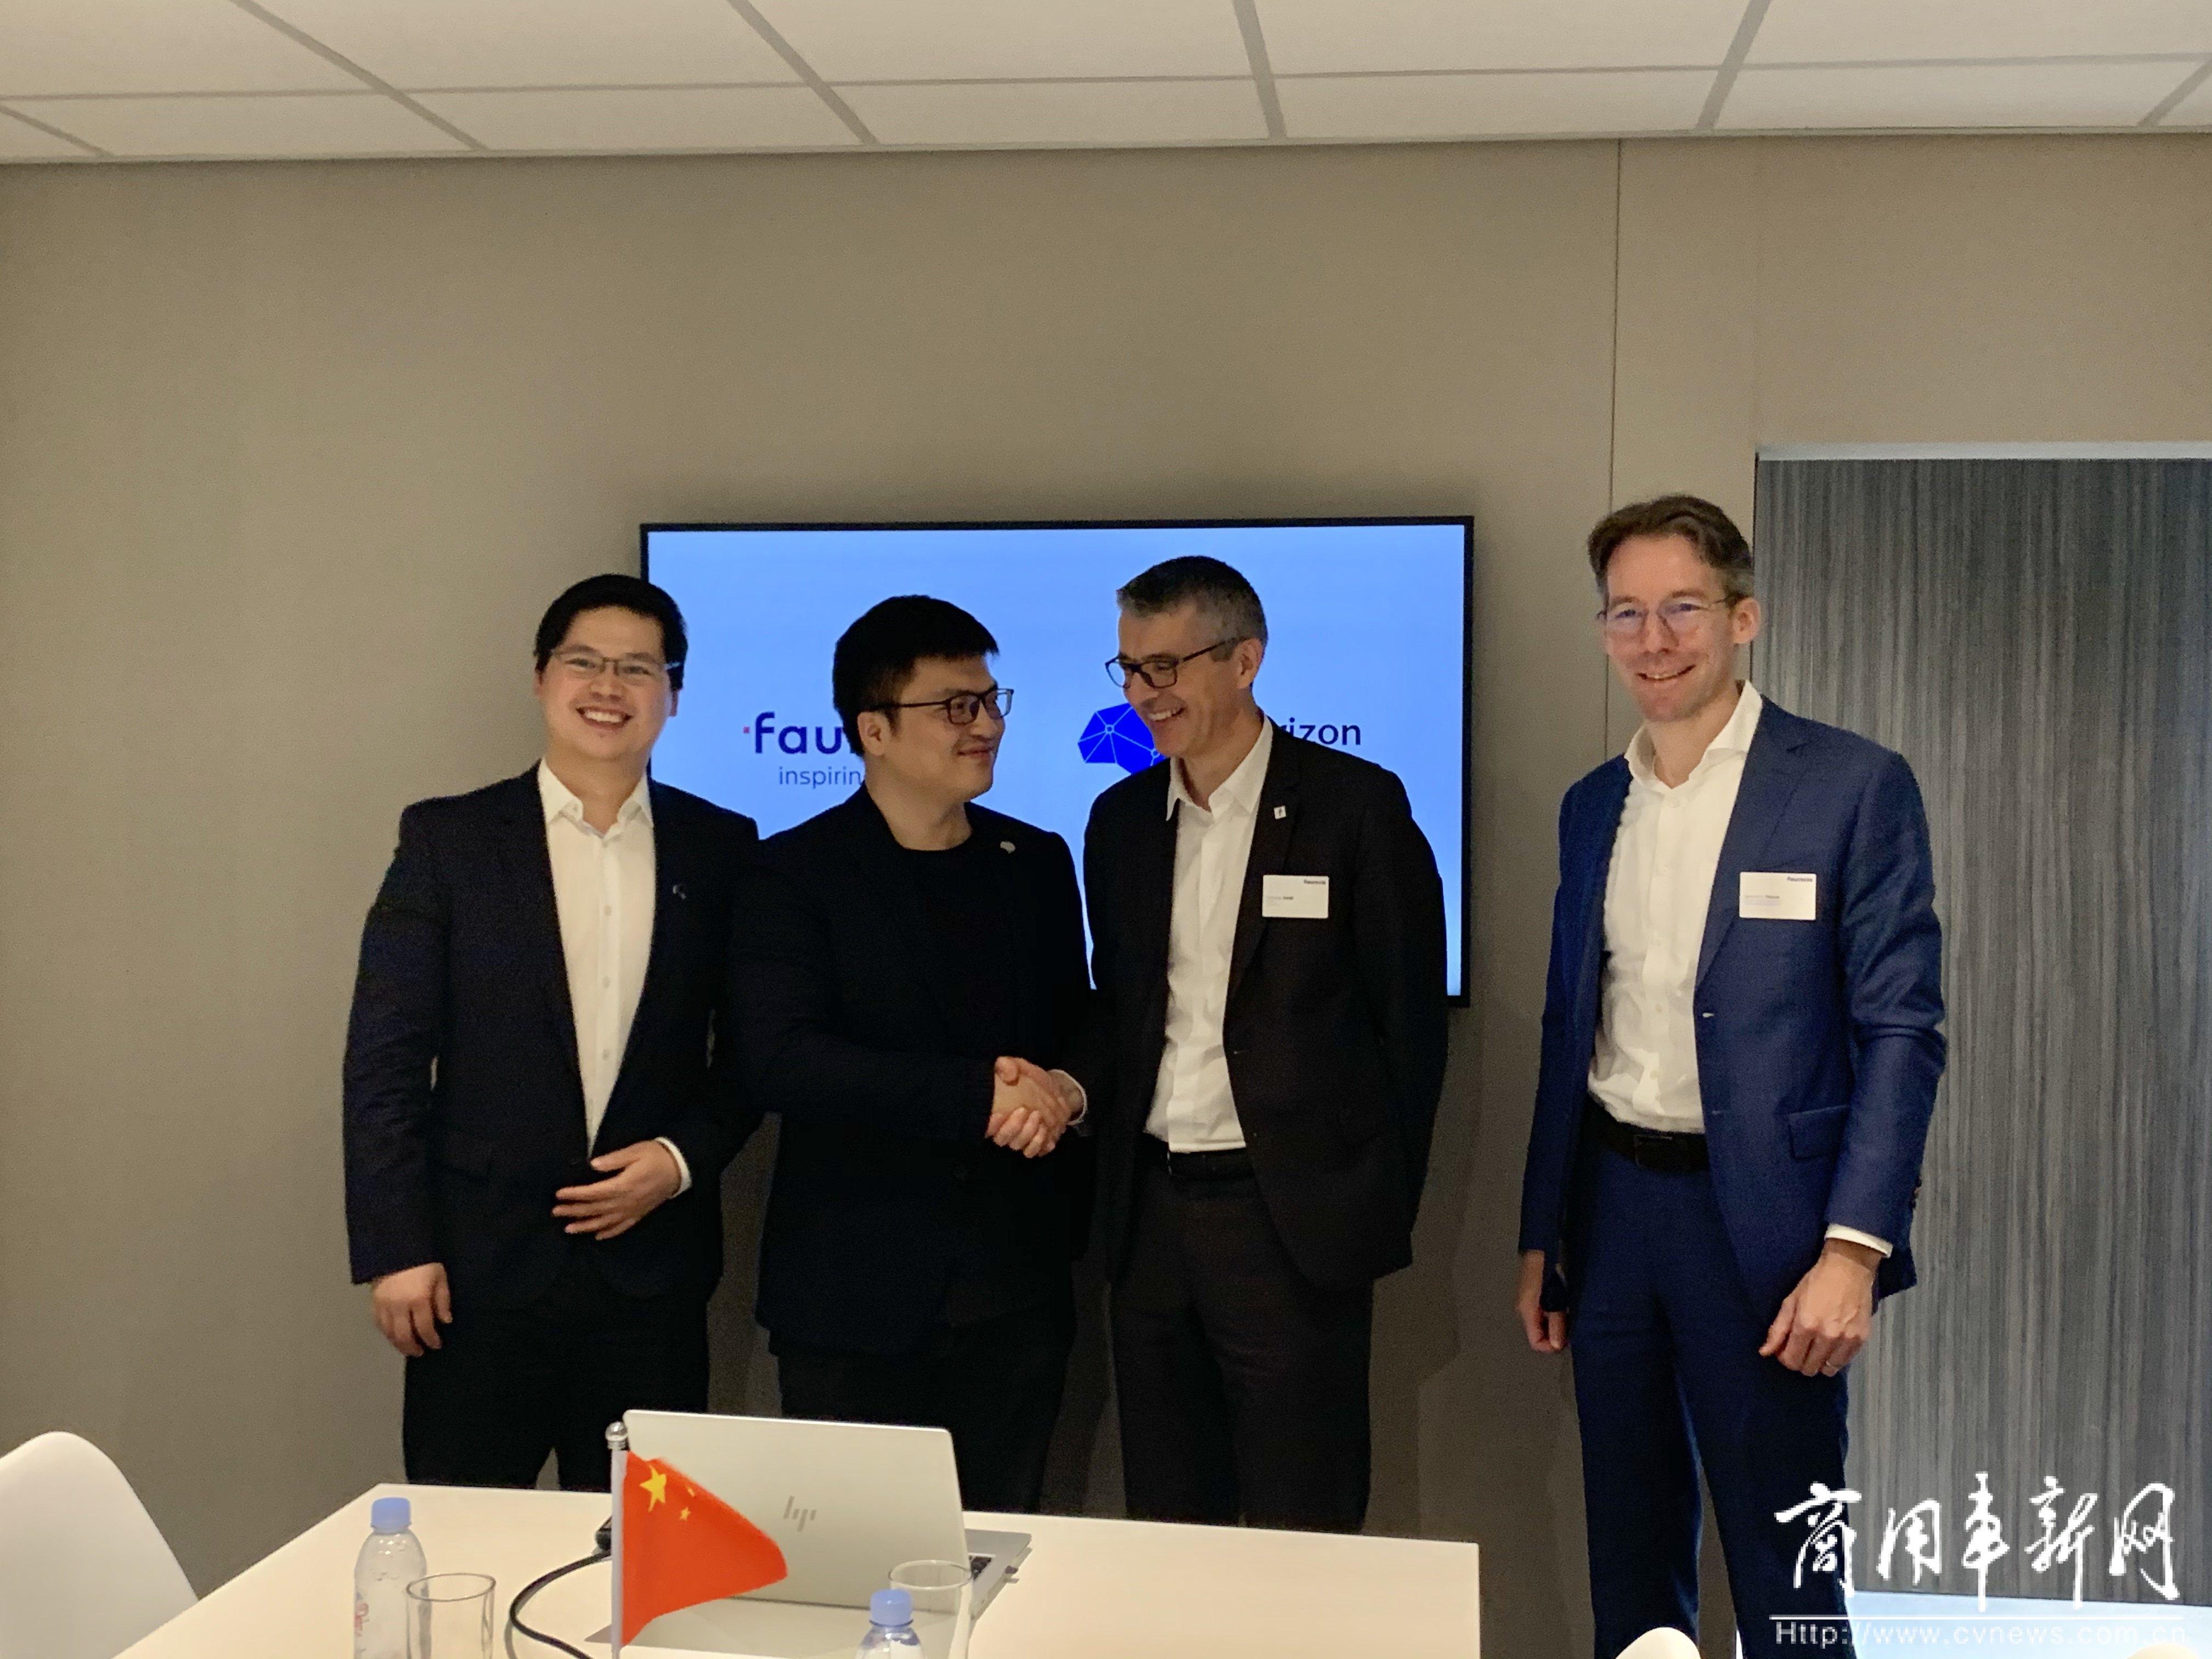 佛吉亚与地平线达成战略合作,为中国汽车市场开发基于人工智能的座舱解决方案